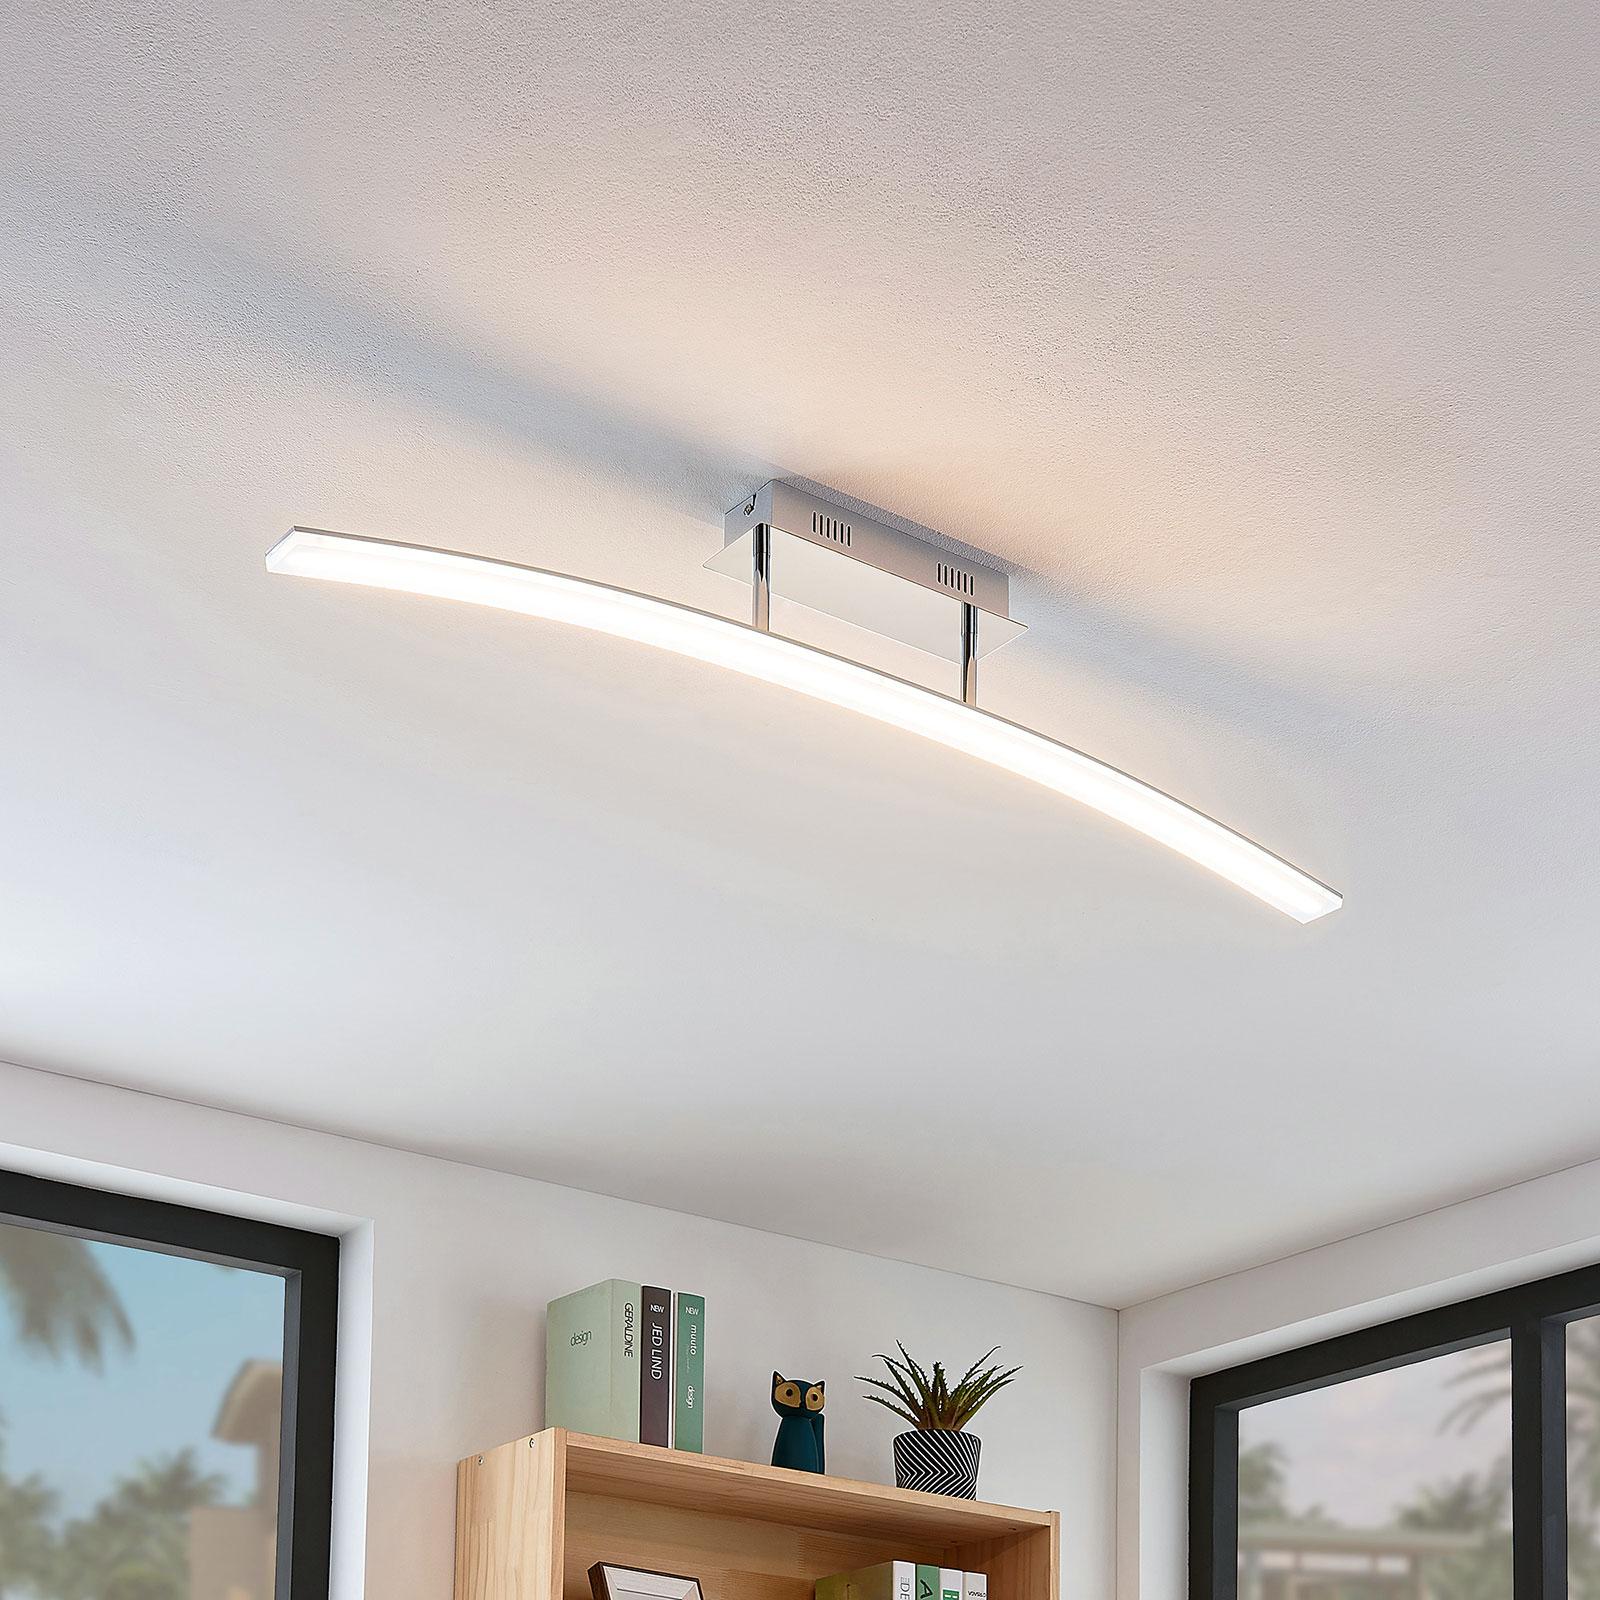 Lampa sufitowa LED Lorian w kształcie łuku